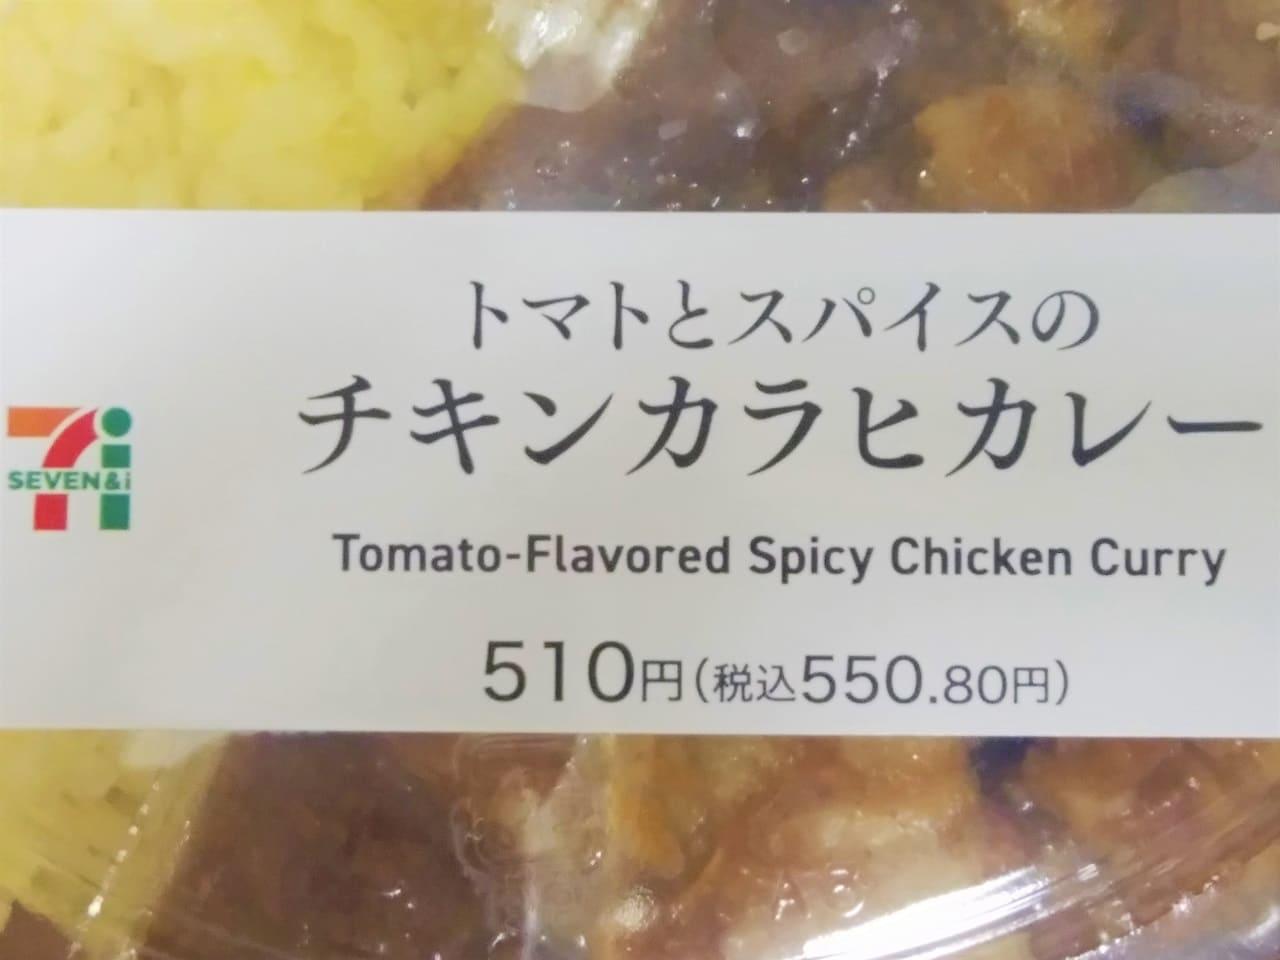 チキンカラヒカレーのパッケージ